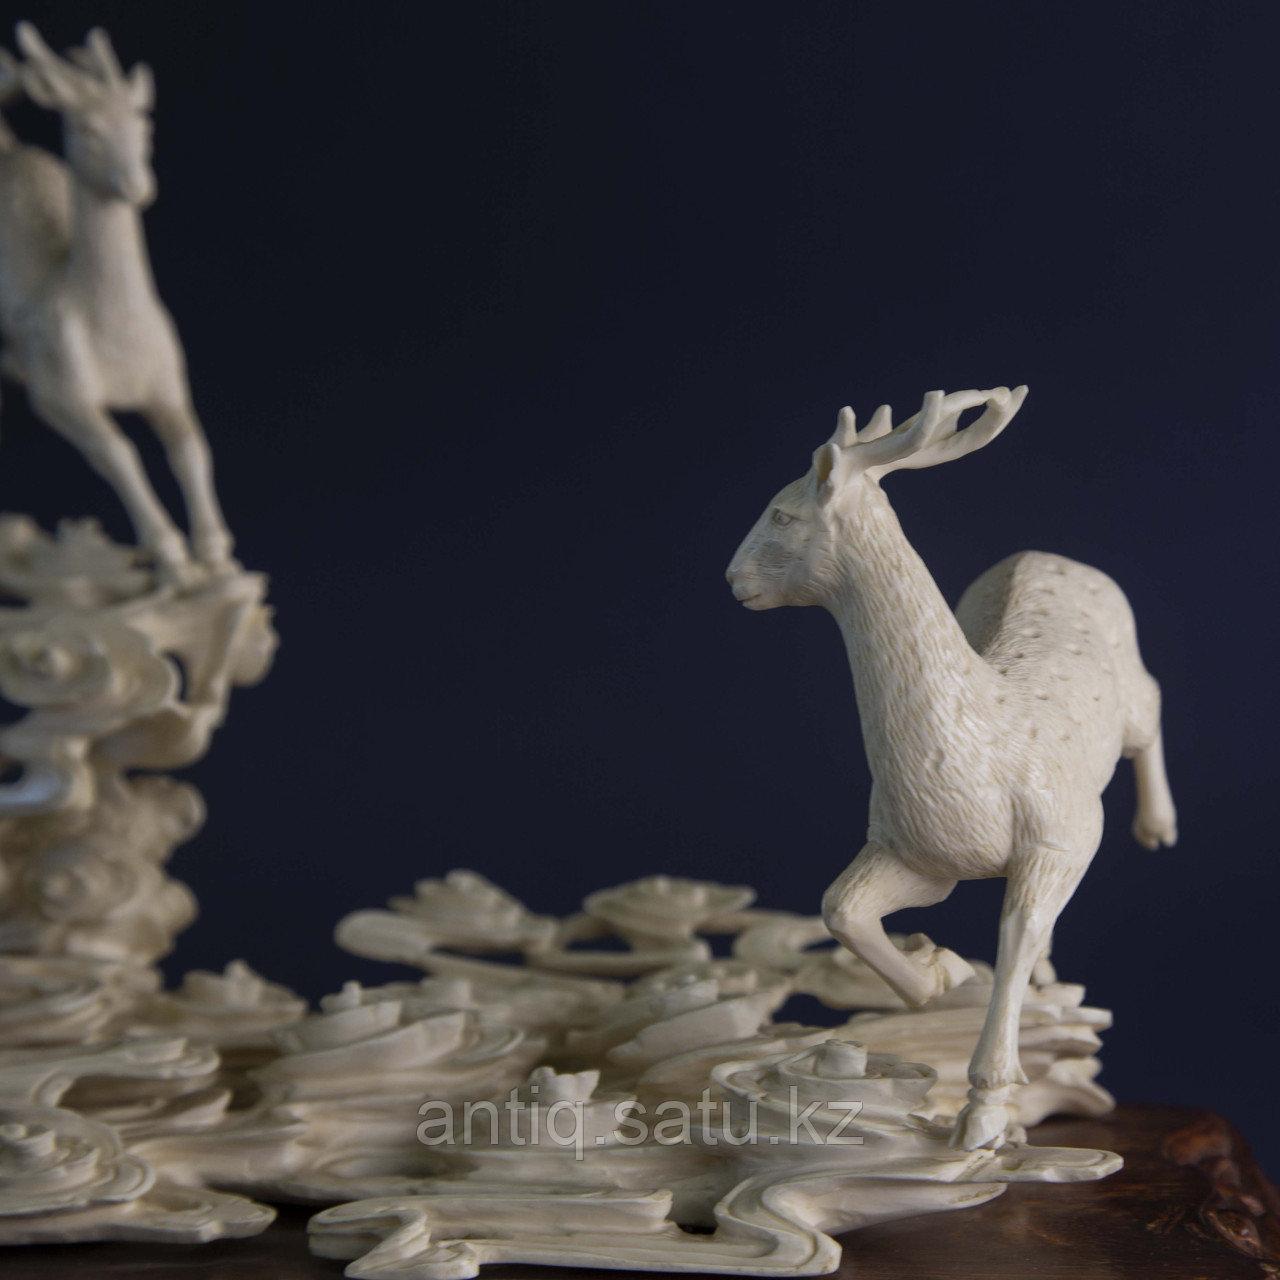 Великолепная композиция Олени. Символ изобилия, счастья и долголетия. Слоновая кость. - фото 4